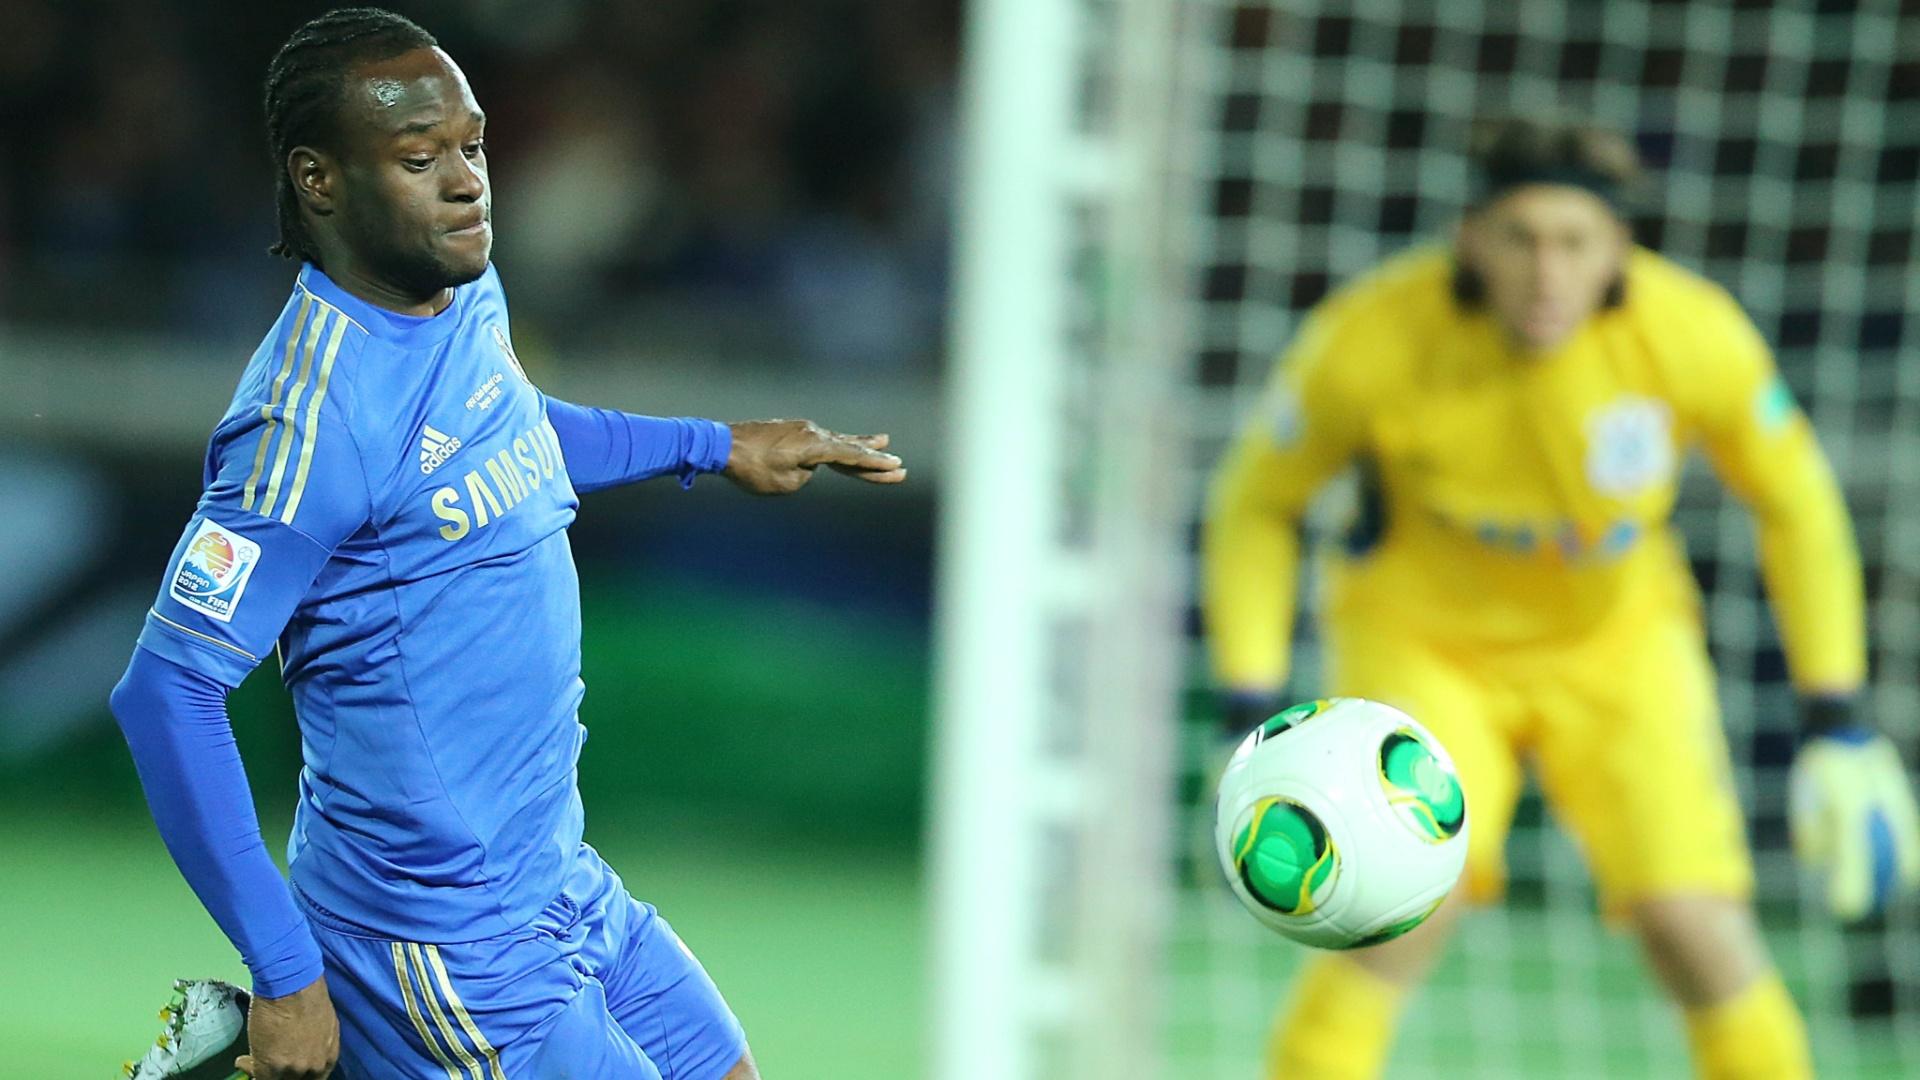 16.dez.2012 - Moses, do Chelsea, invade a área do Corinthians durante a final do Mundial de Clubes da Fifa, em Yokohama, no Japão